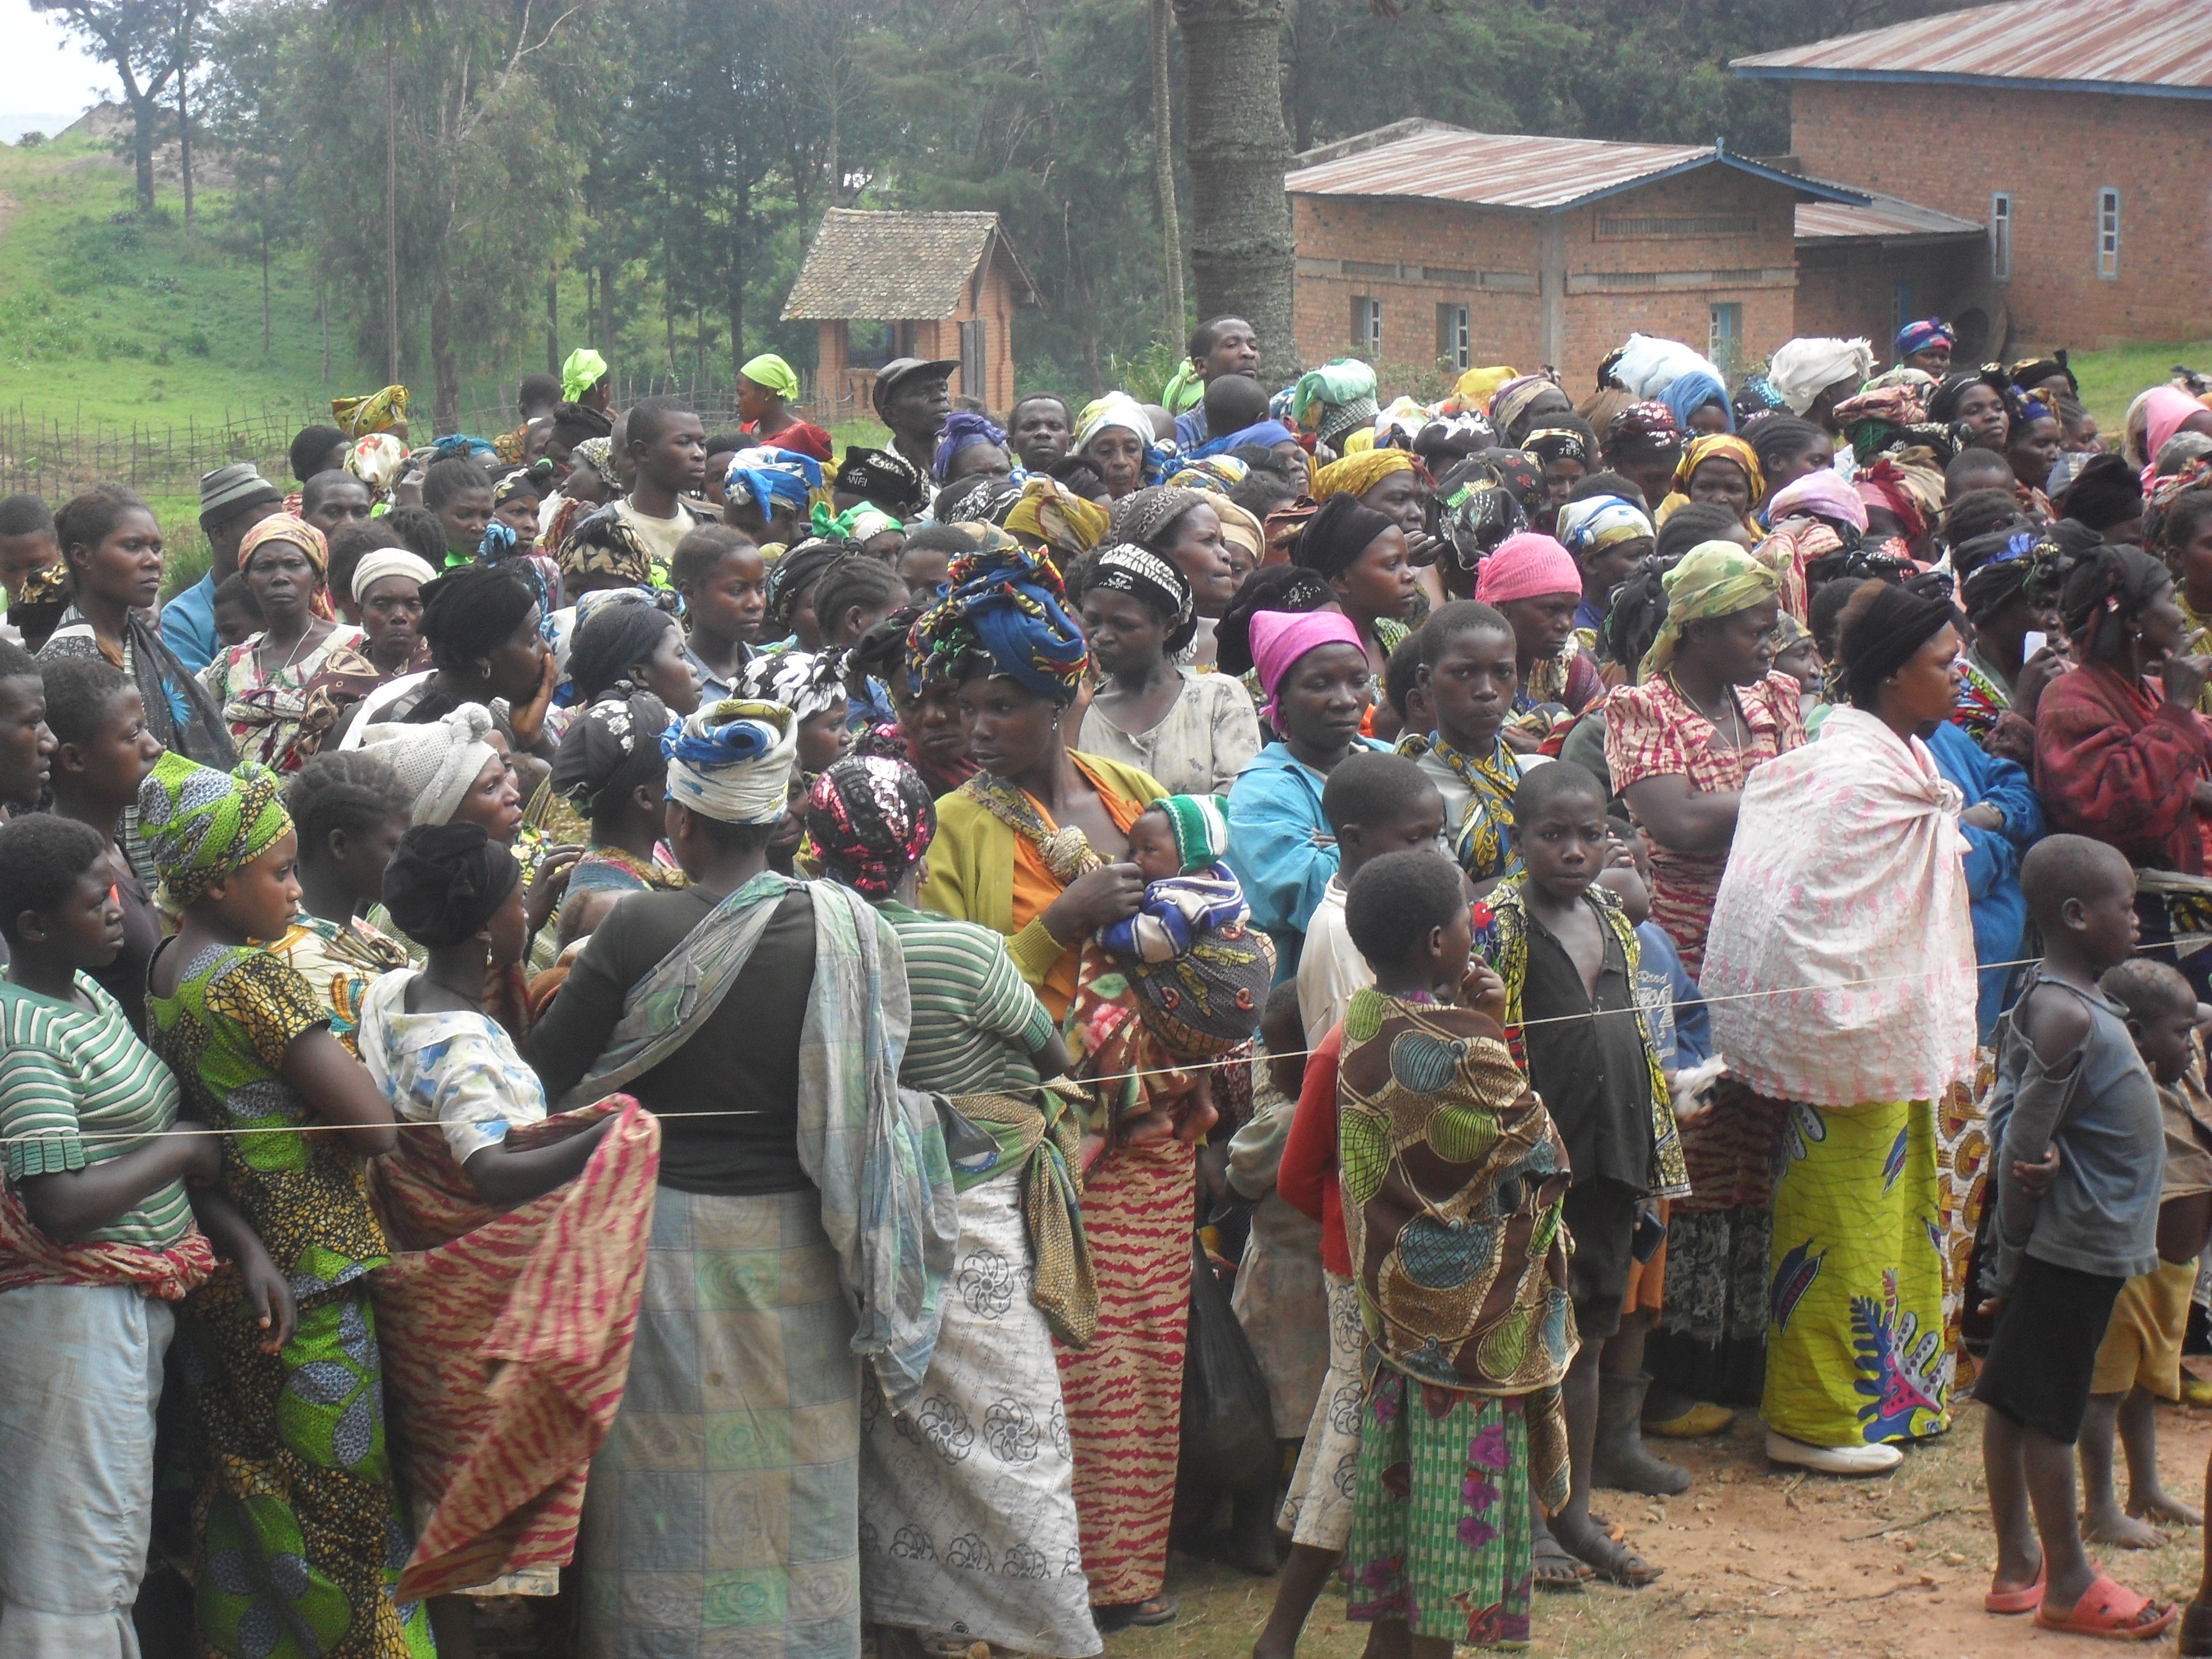 República Democrática del Congo: ¡la población está viviendo un calvario!